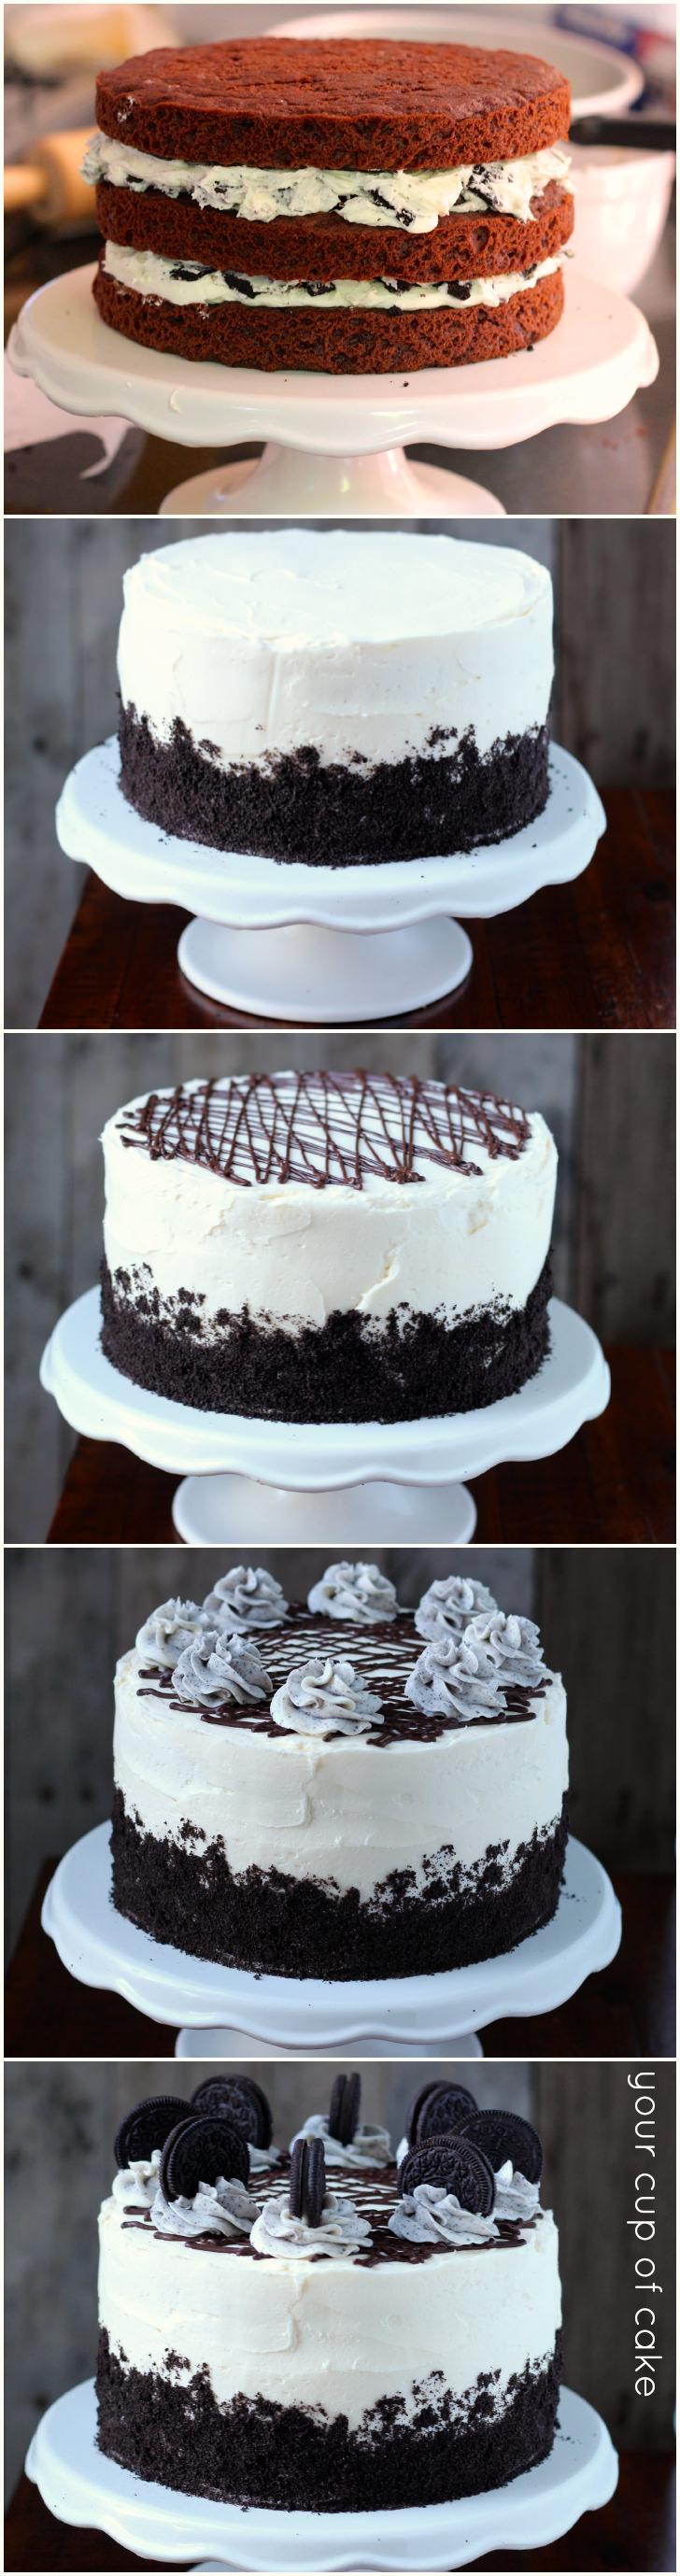 How to make an Oreo Cake